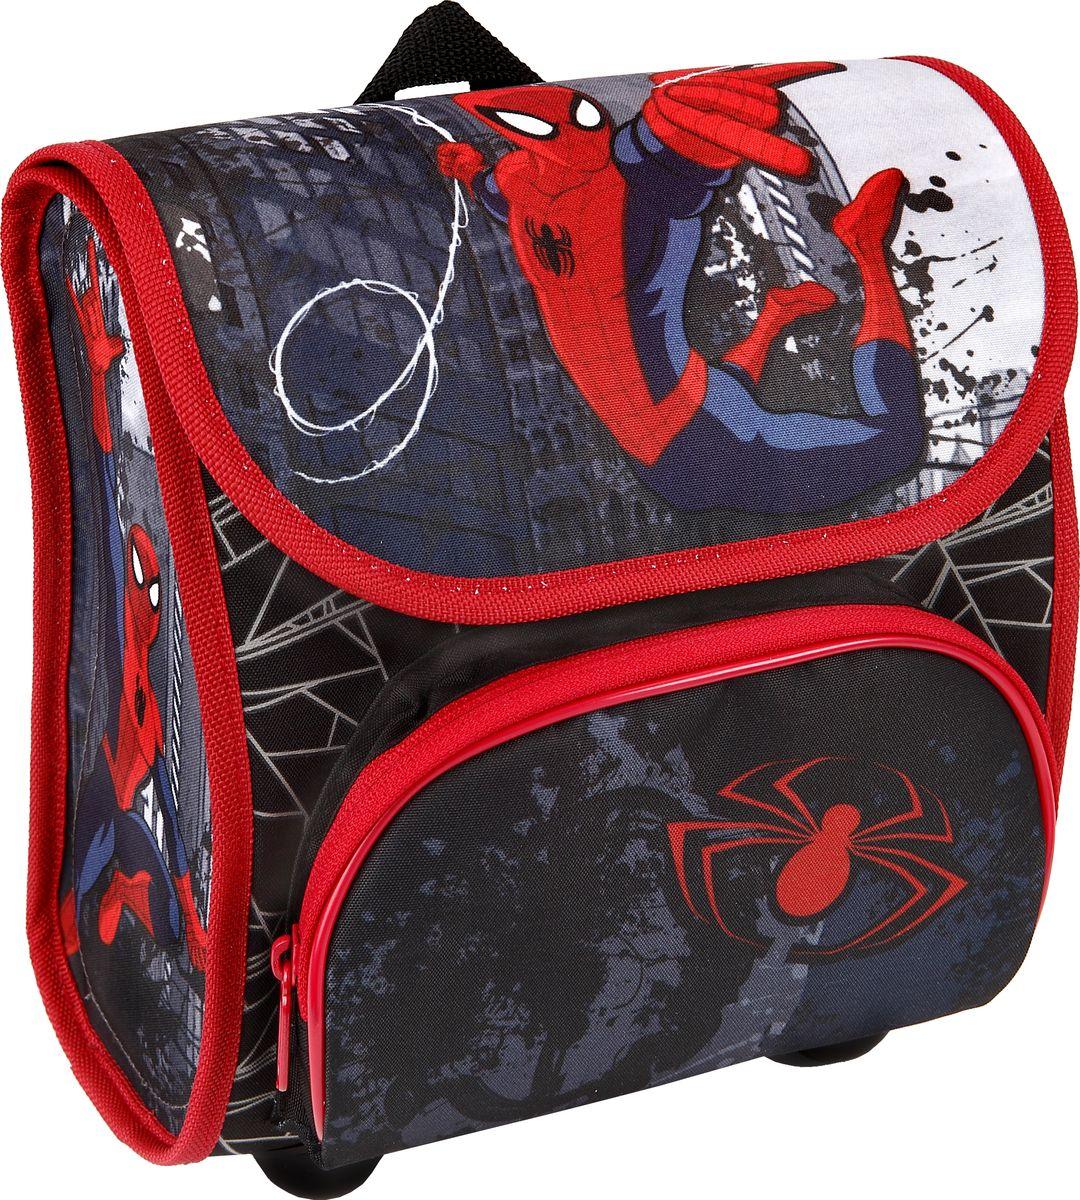 Scooli Рюкзак для мальчика Spider-ManL39845800Основное отделение мини-ранца очень удобное и вместительное, а его ортопедическая спинка и регулирующиеся лямки с системой вентиляции гарантируют малышу дополнительный уют и комфорт. Пластиковые ножки на дне рюкзака предотвратит вытирание ткани, таким образом обеспечивая более долгие сроки службы великолепного изделия! Рюкзачок изготовлен из высококачественных, нетоксичных, эталонных материалов, очень прочный и надежный, а также совершенно безопасен для ребенка!